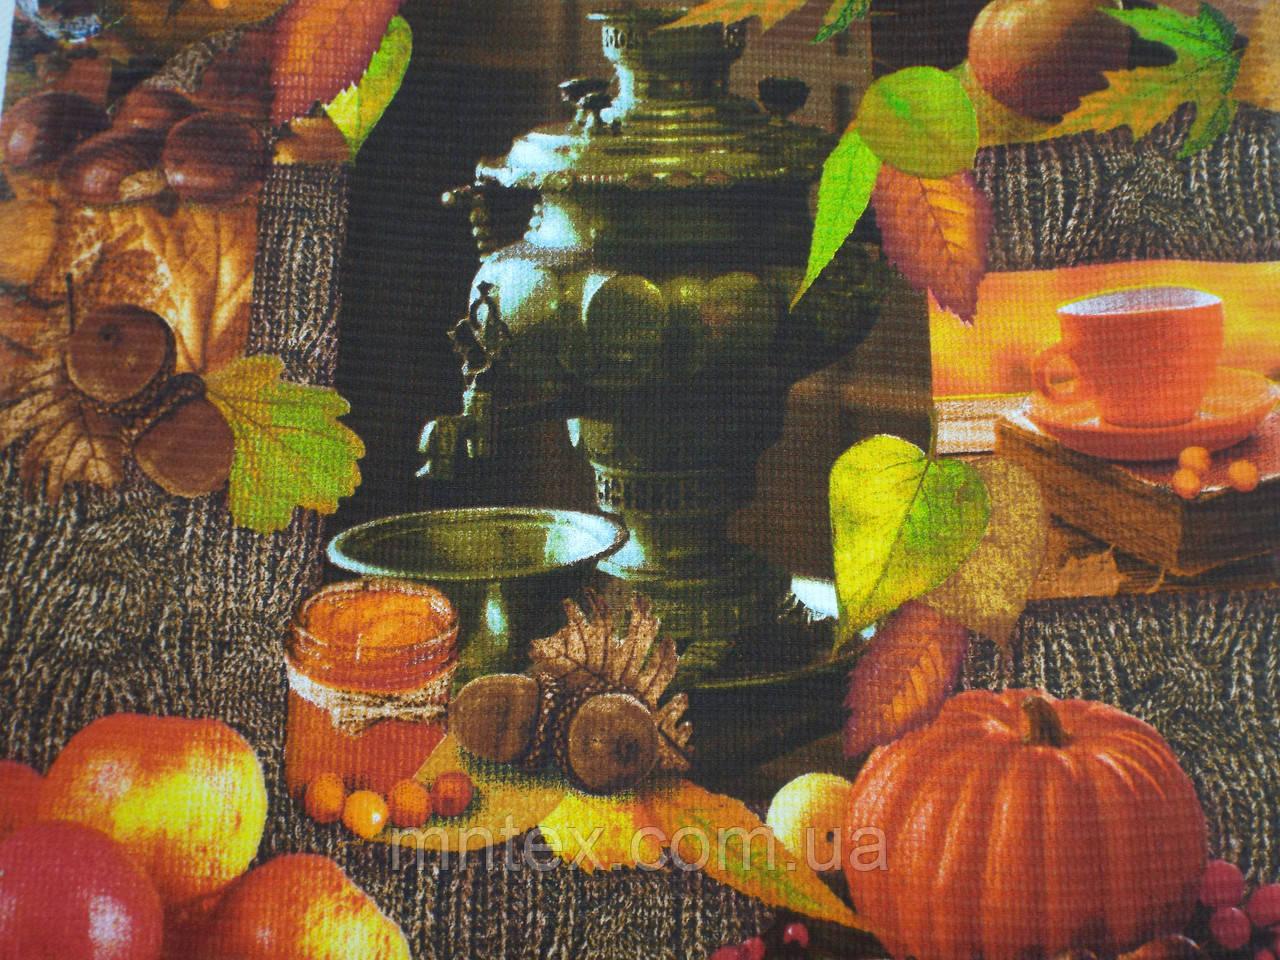 Ткань Вафельная Ширина 50 см. Чаепитие